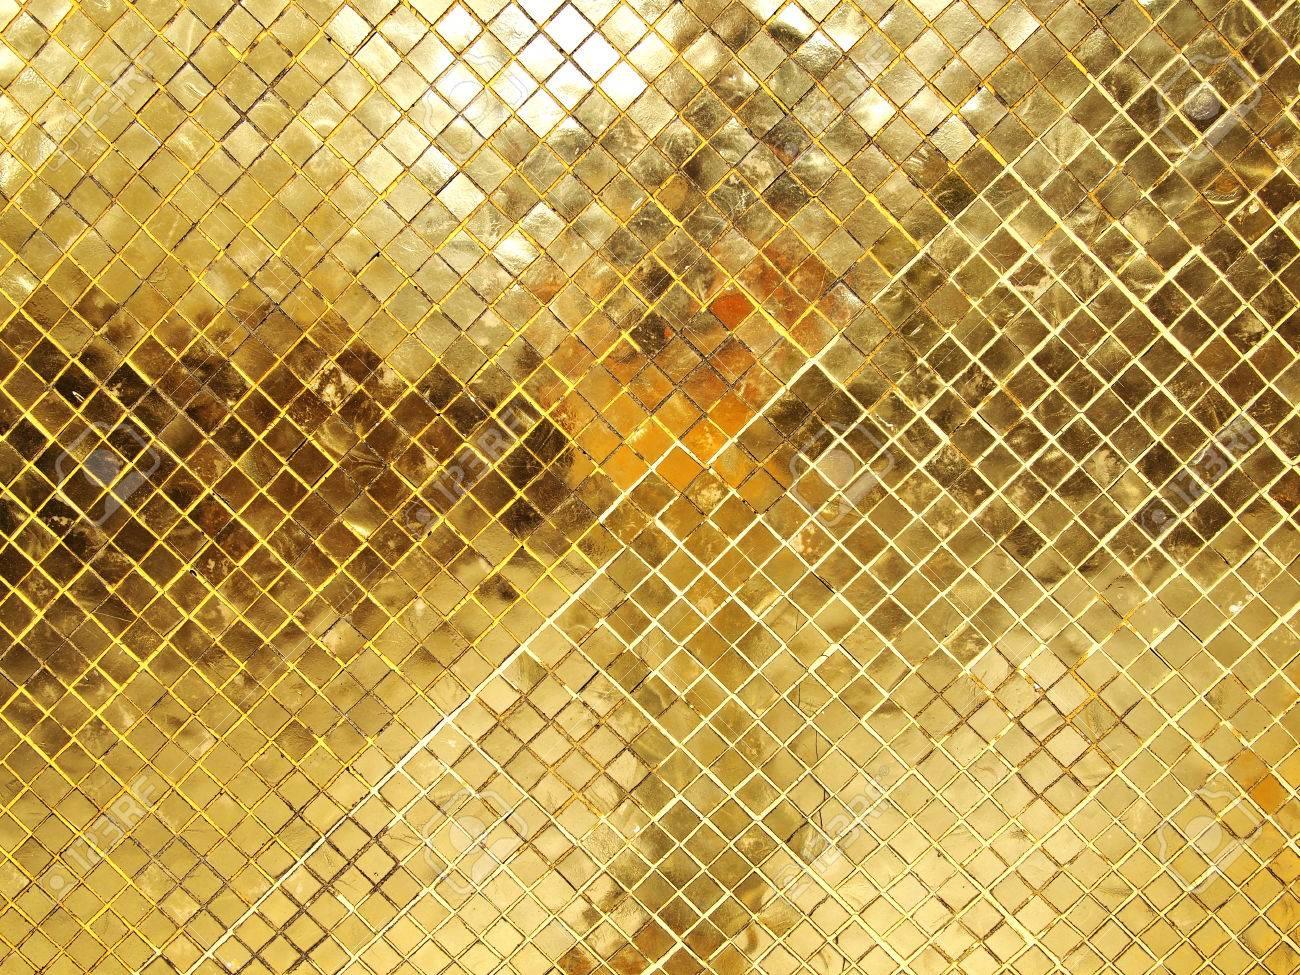 Gouden Mozaiek Tegels : Gouden tegel van het mozaïek textuur royalty vrije foto plaatjes